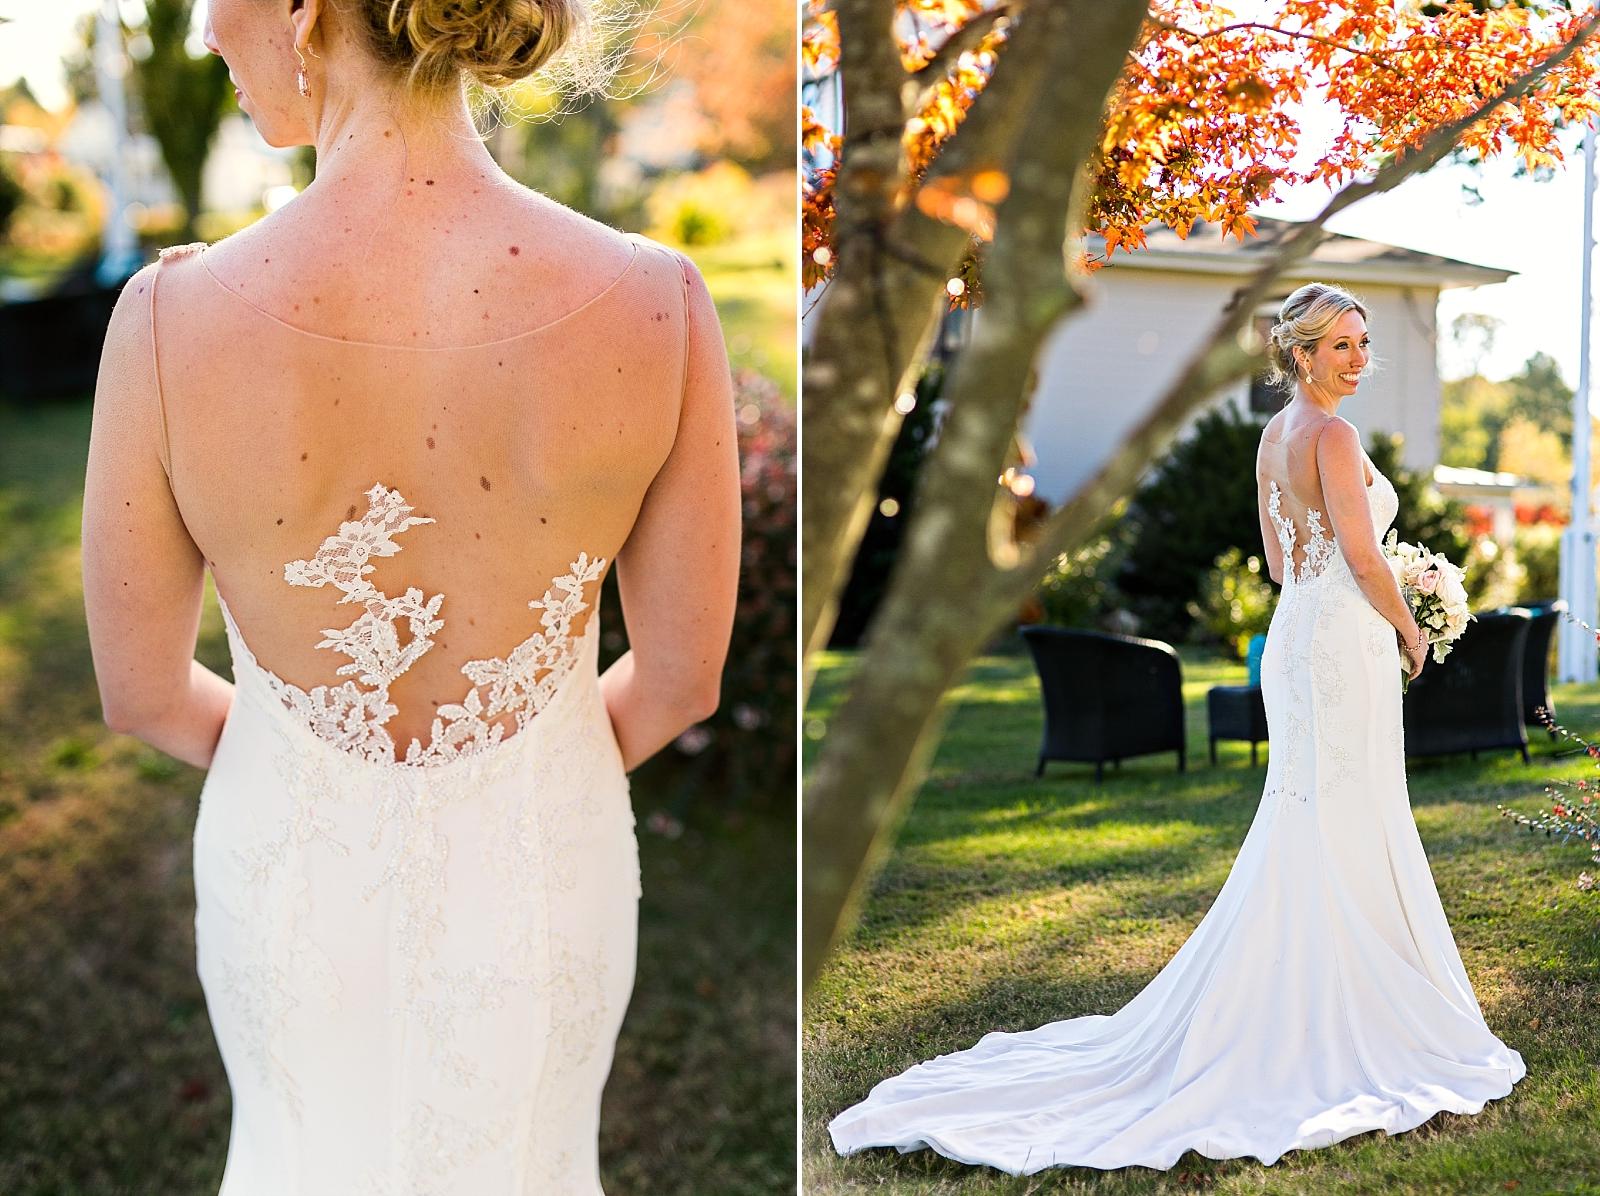 CT_Wedding_Photographer_BeLo_22.jpg